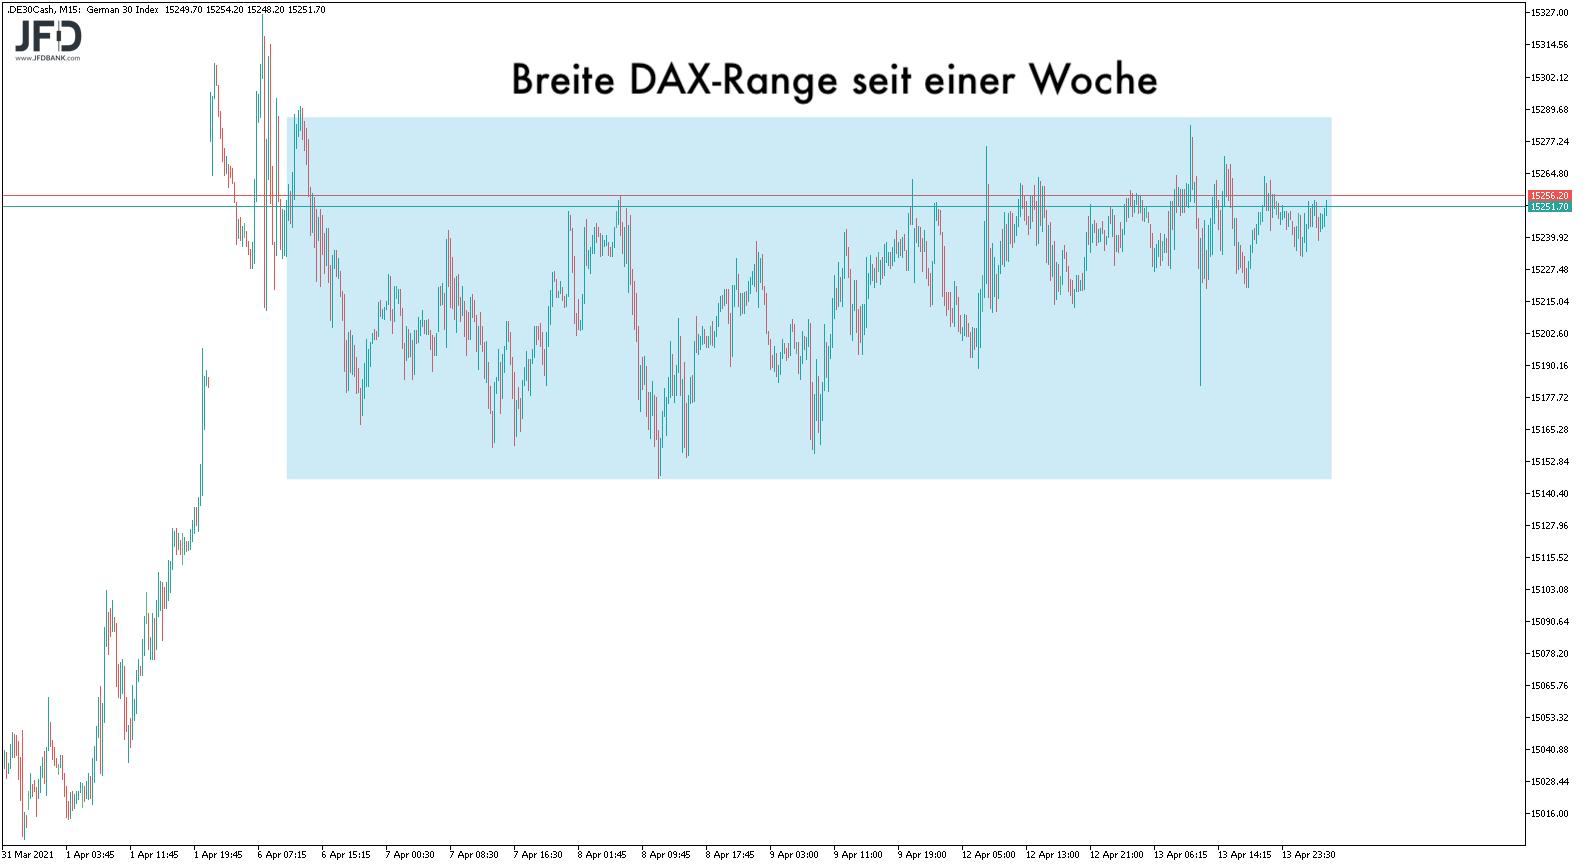 DAX-Range dieser Woche